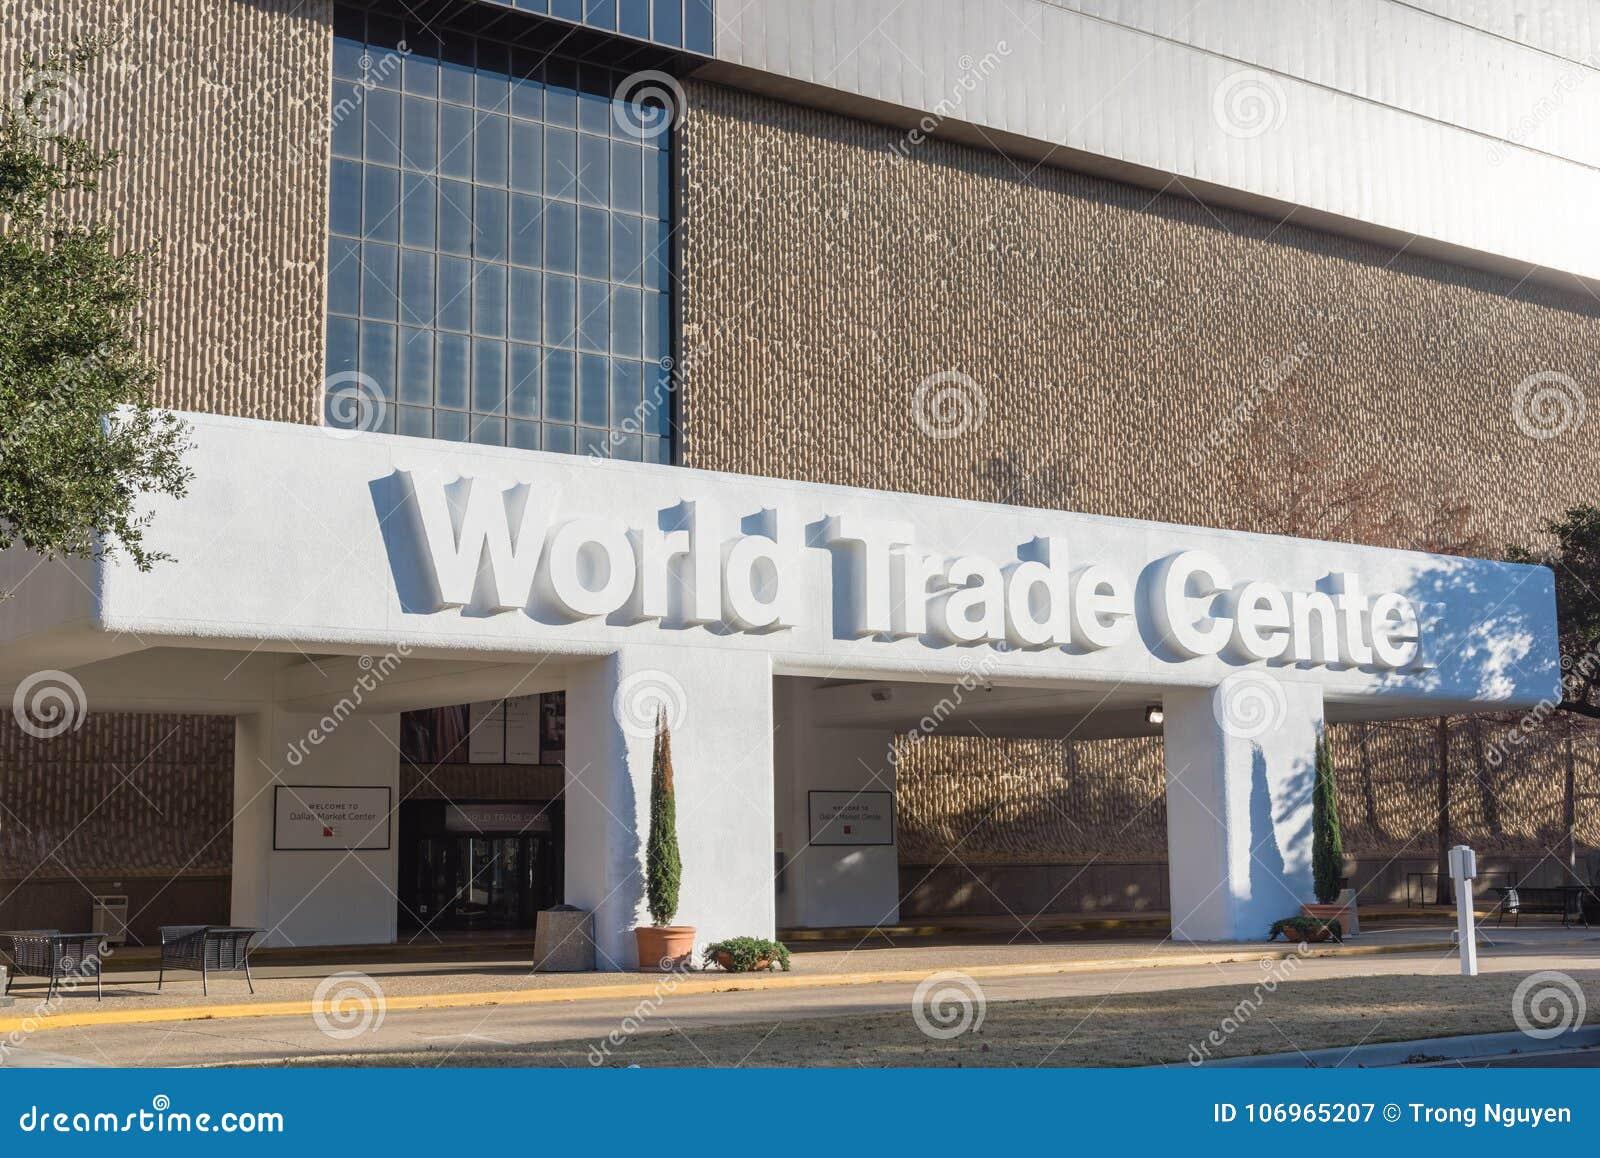 The World Trade Center Dallas Or Market Center Editorial